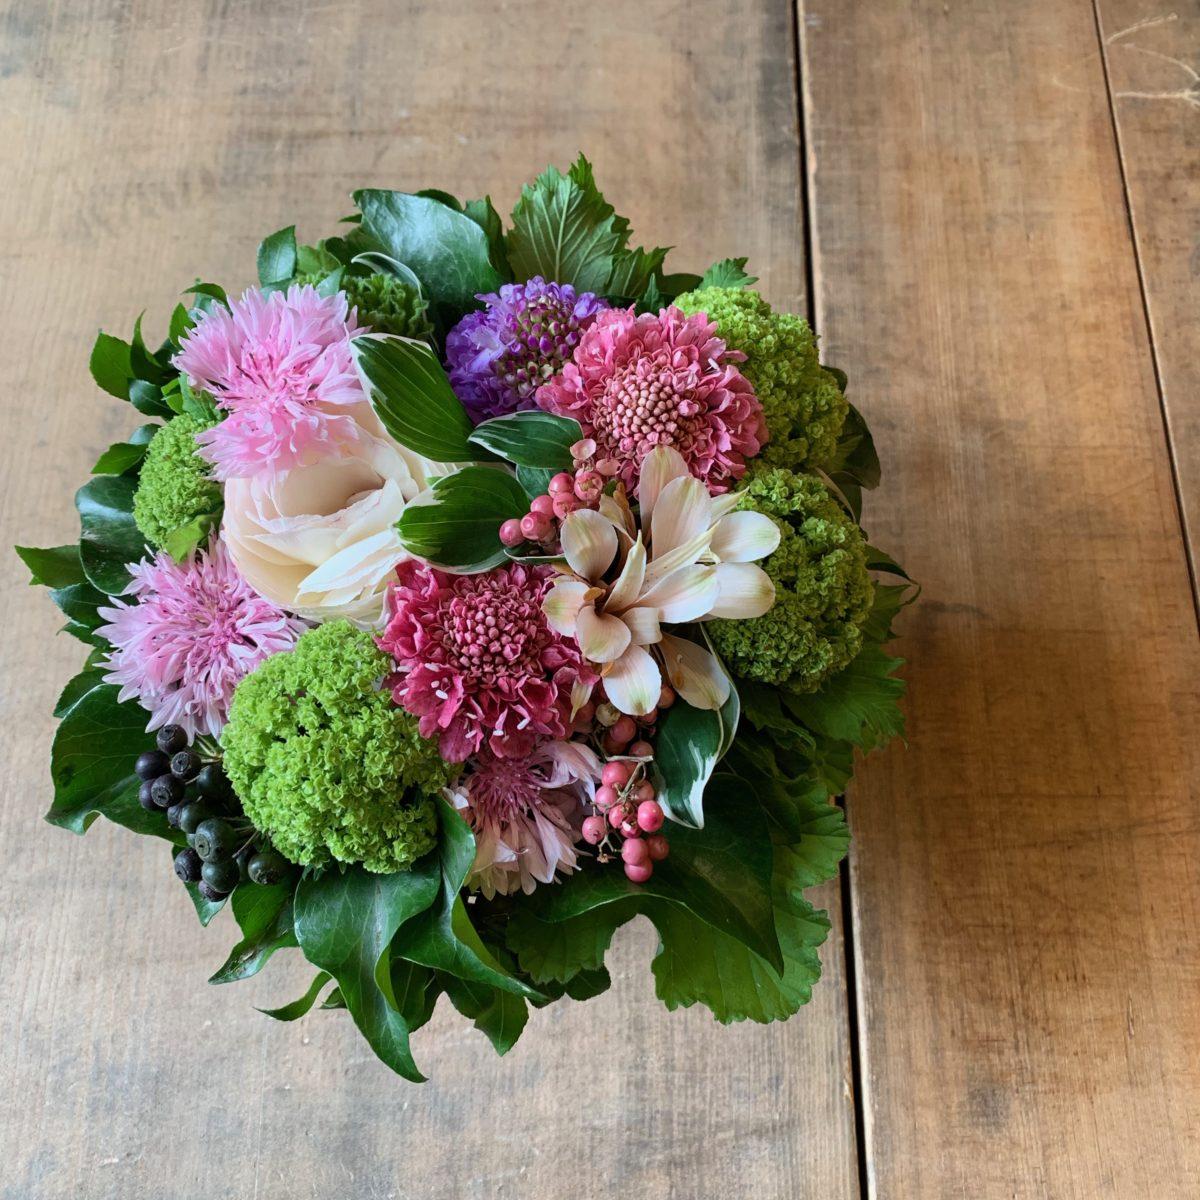 春の小花で彩るアレンジメント(¥3500)